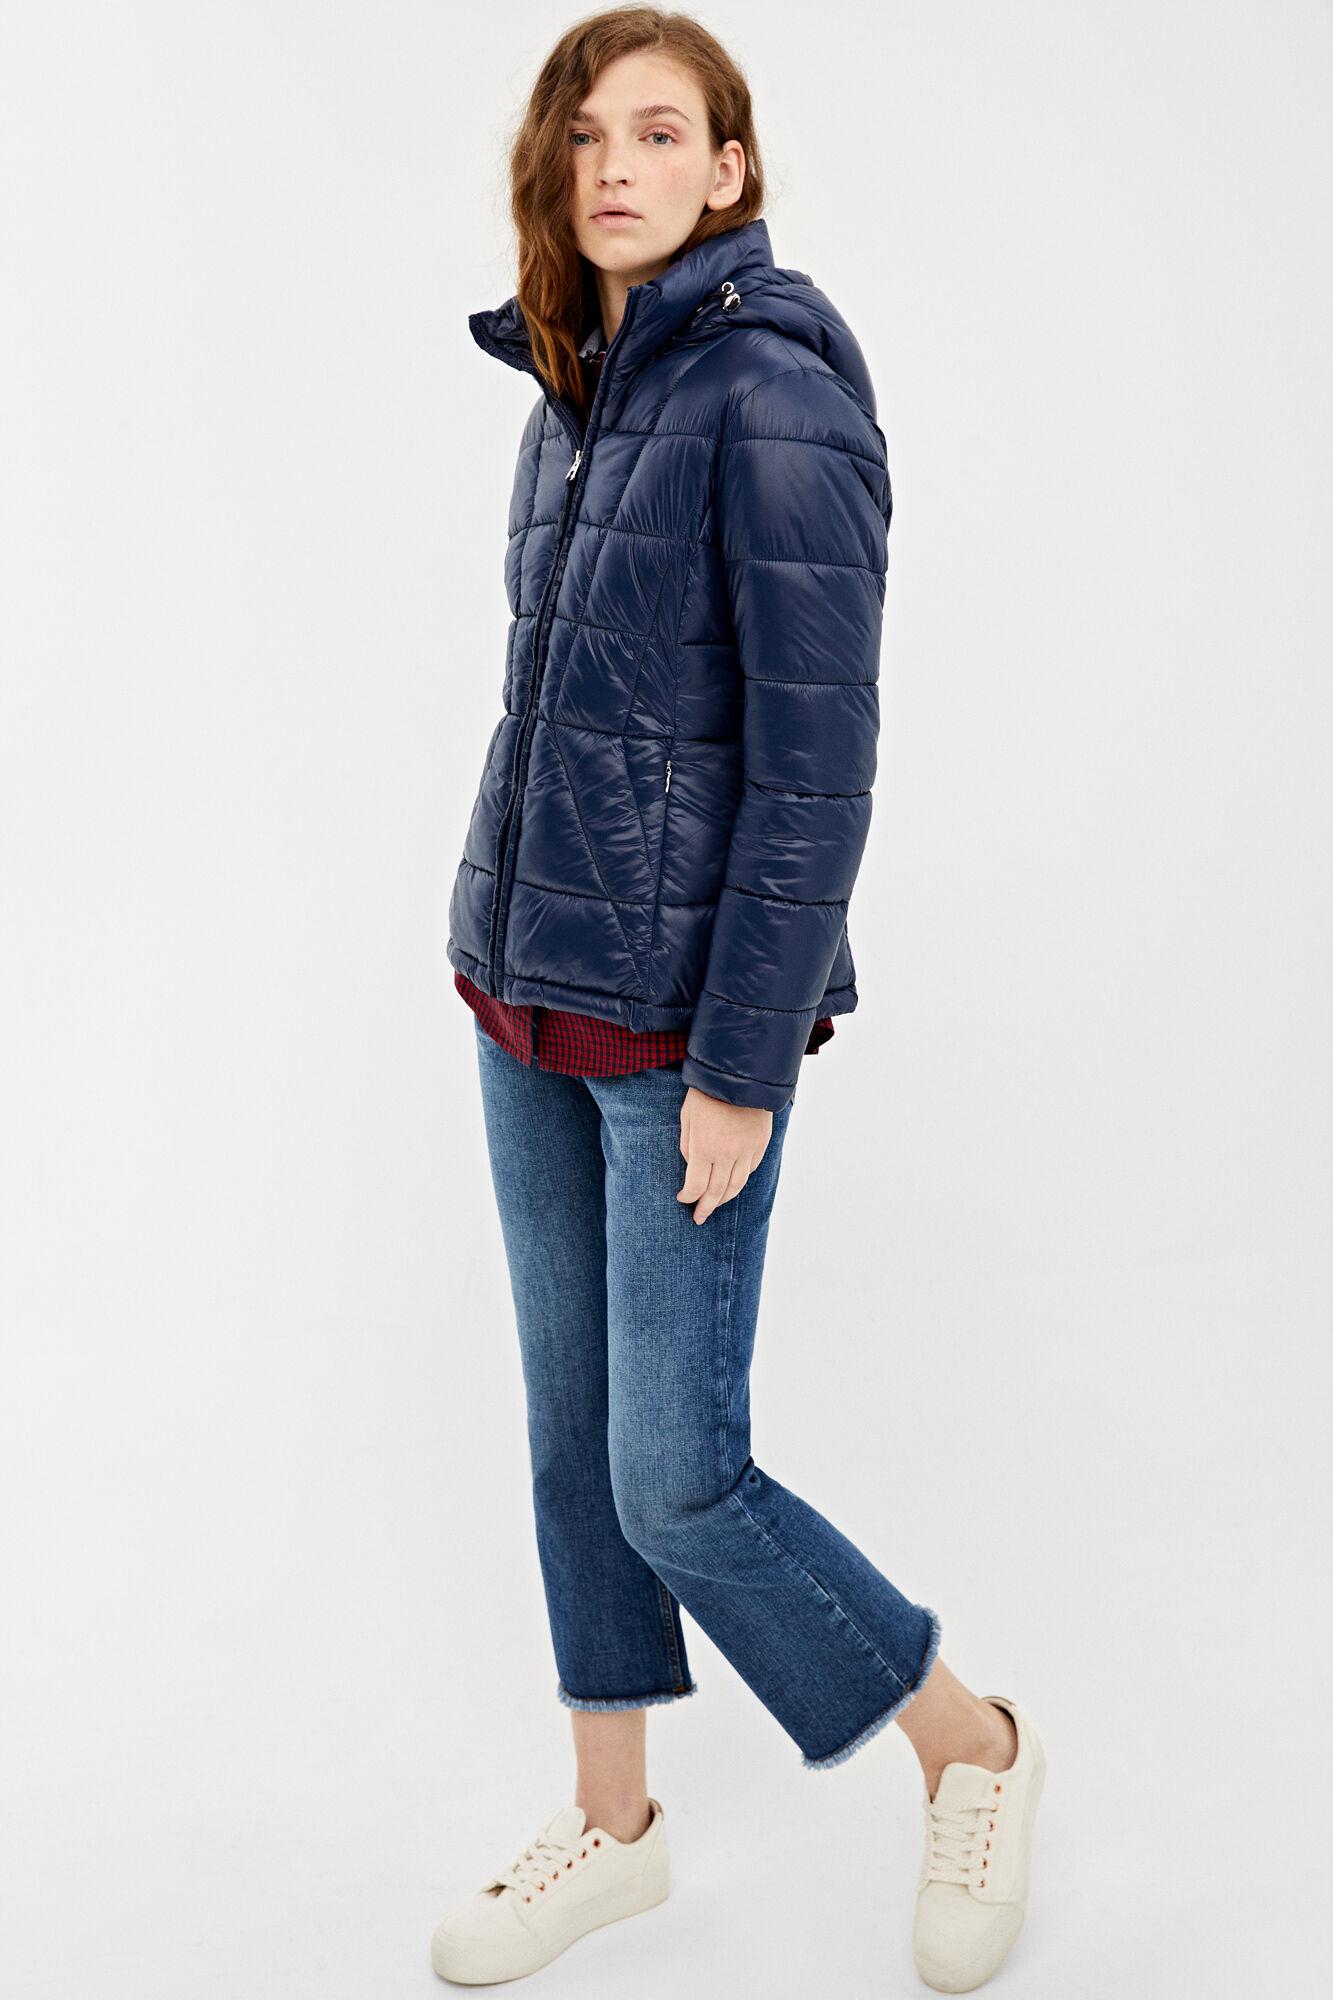 L XS XL M Women/'s Denim Jeans Jacket with Detachable Hood S